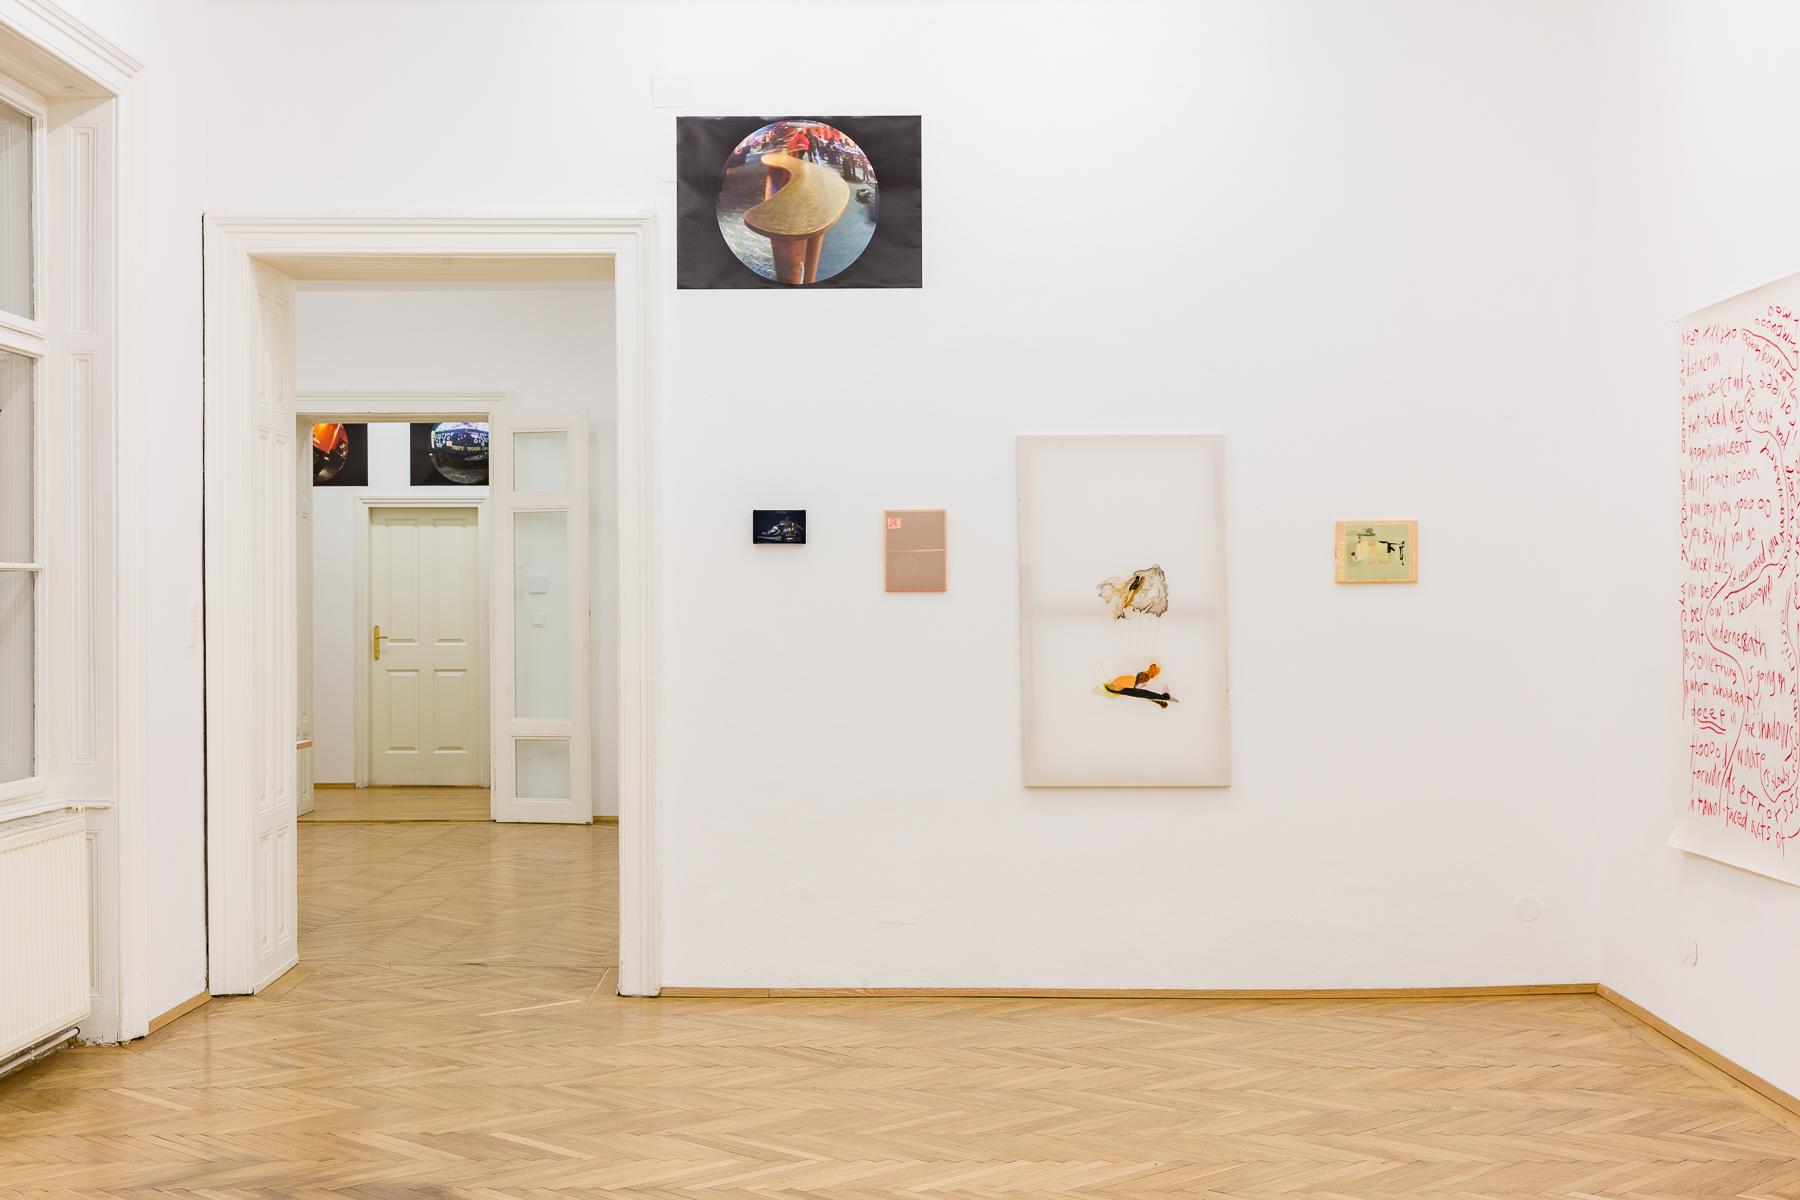 2019_03_13_Groupshow_Felix-Gaudlitz_kunst-dokumentation-com_021_web.jpg